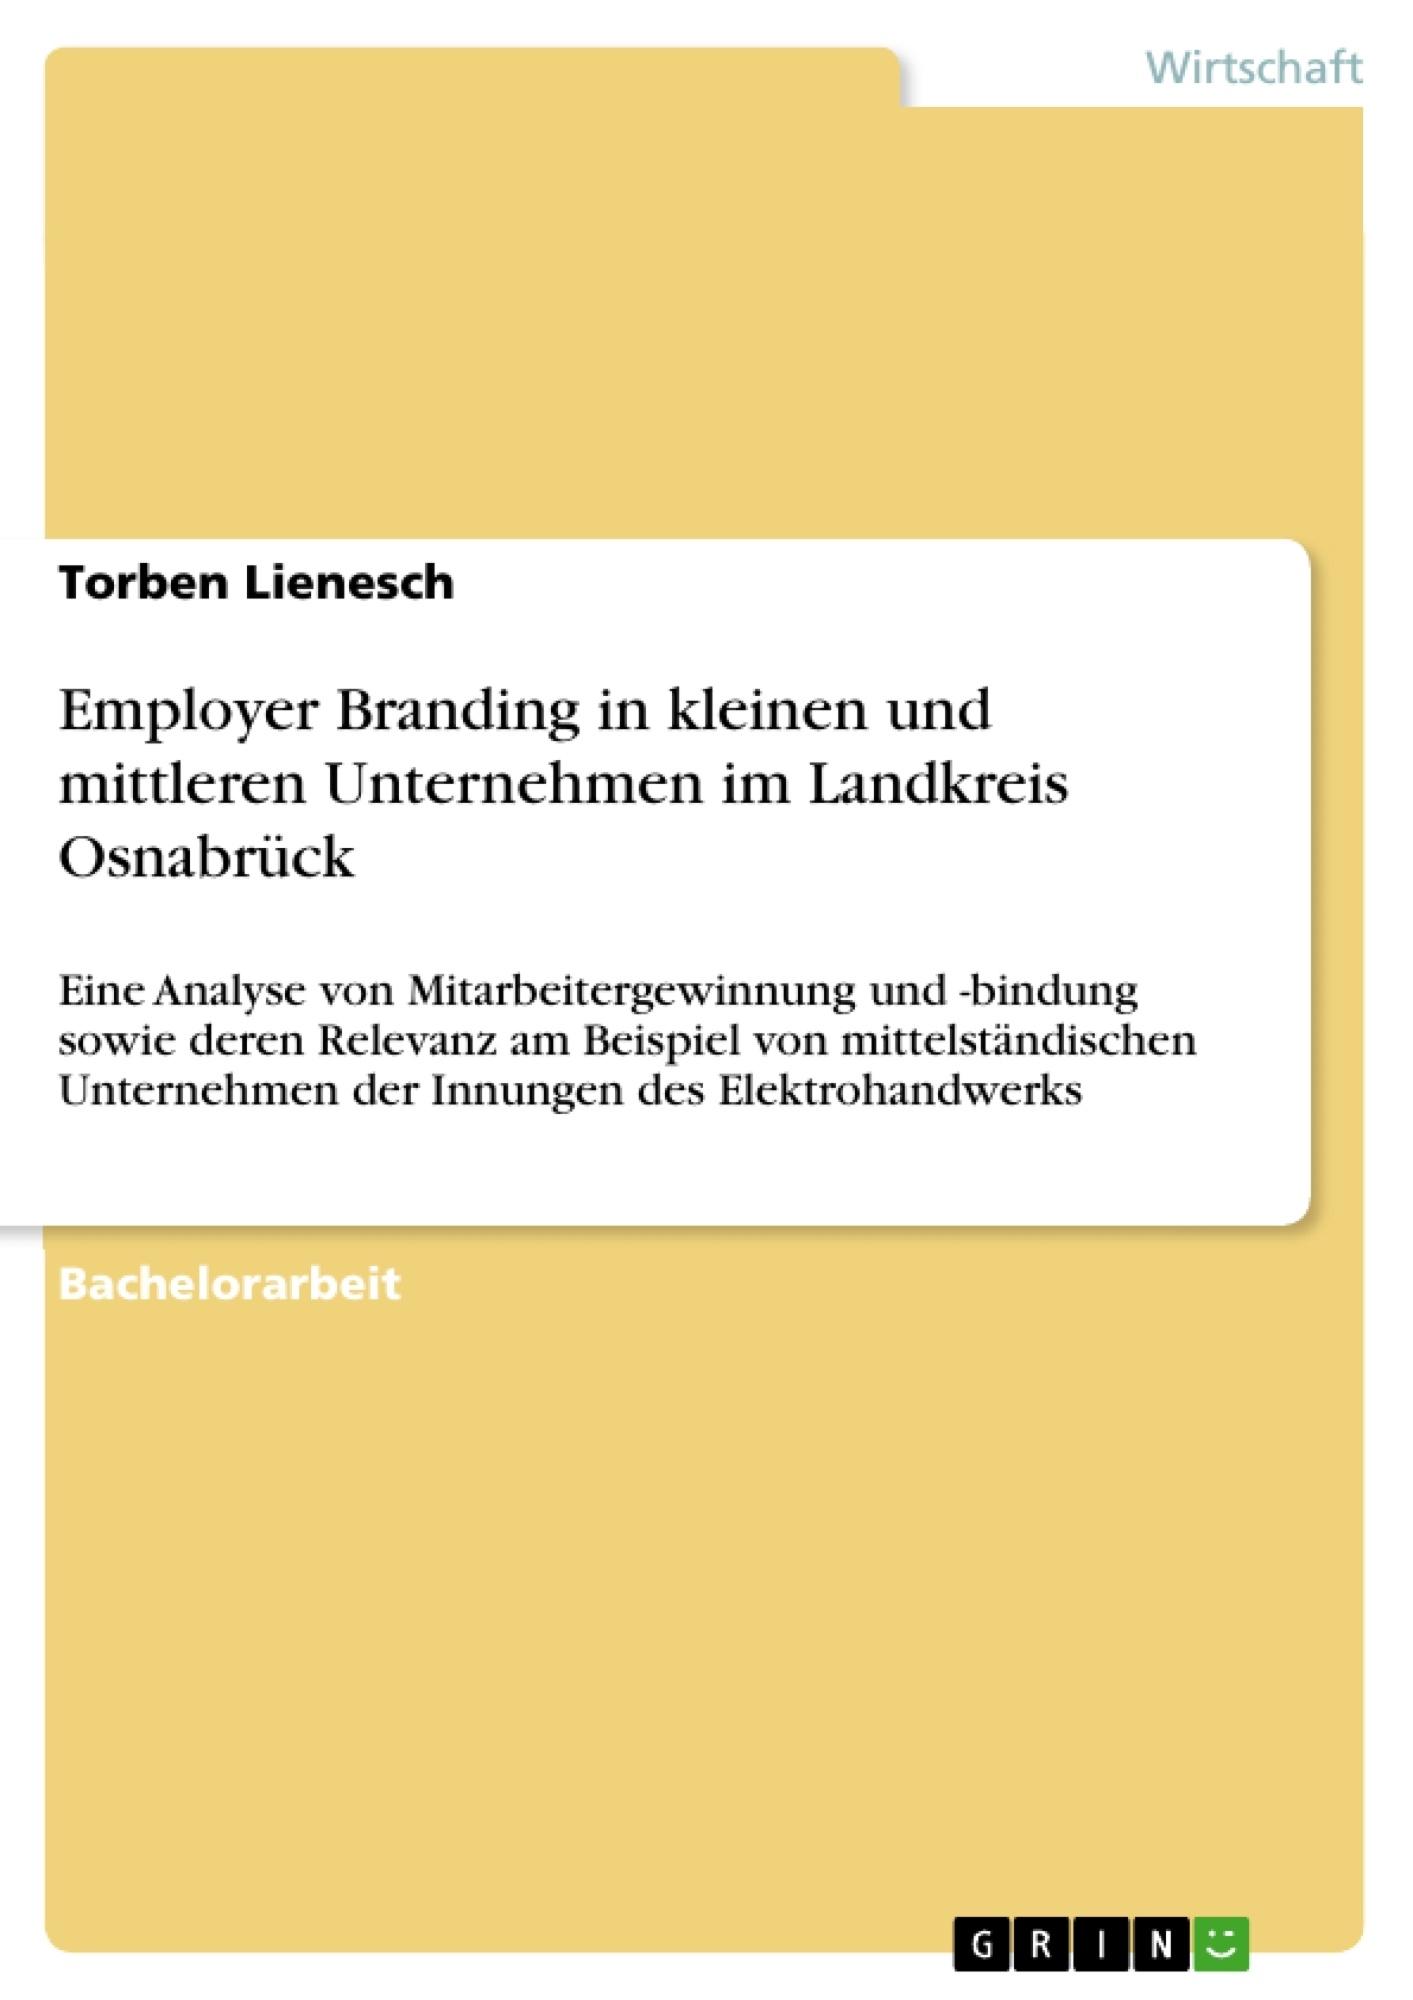 Titel: Employer Branding in kleinen und mittleren Unternehmen im Landkreis Osnabrück